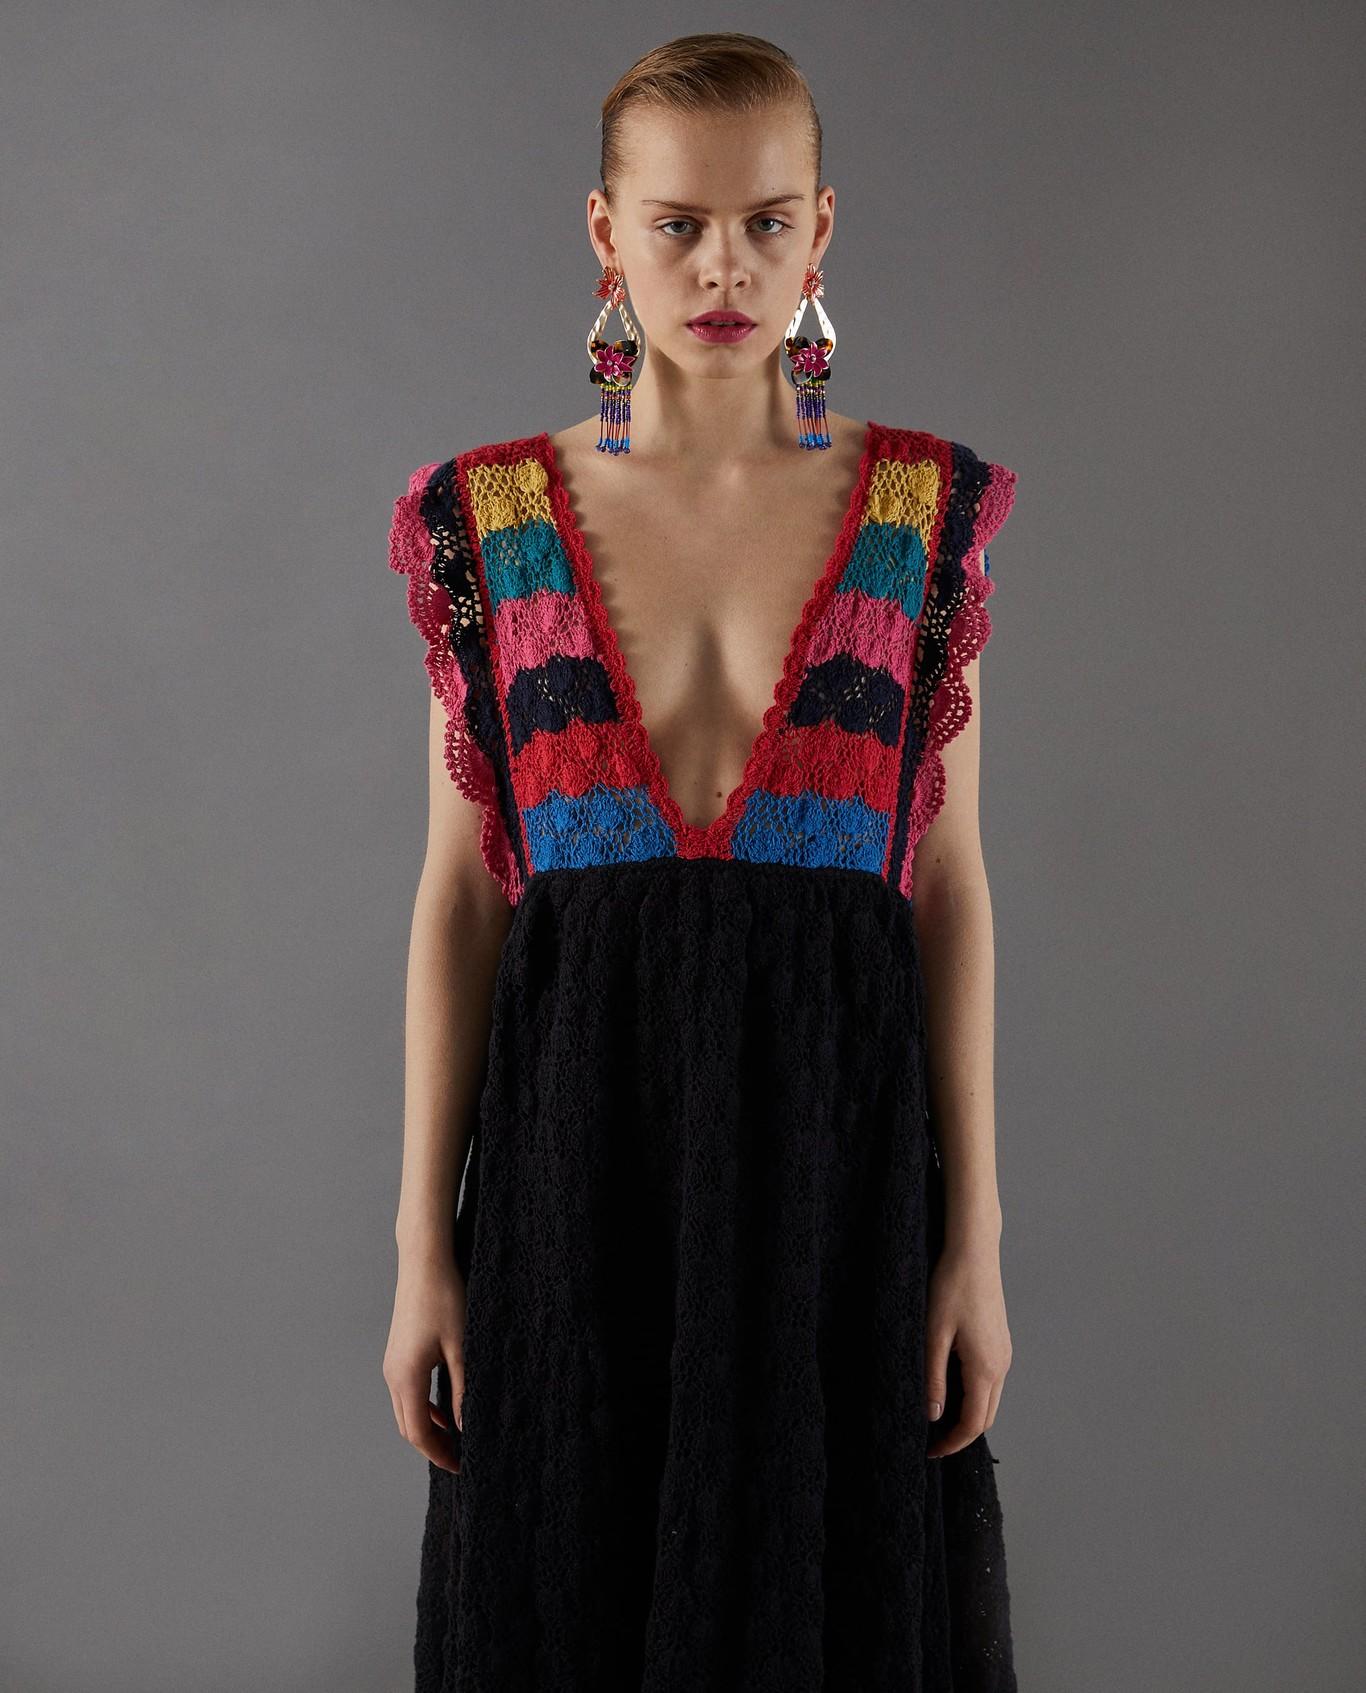 Los 19 Vestidos De Zara Para Fichar Esta Primavera Verano 2018